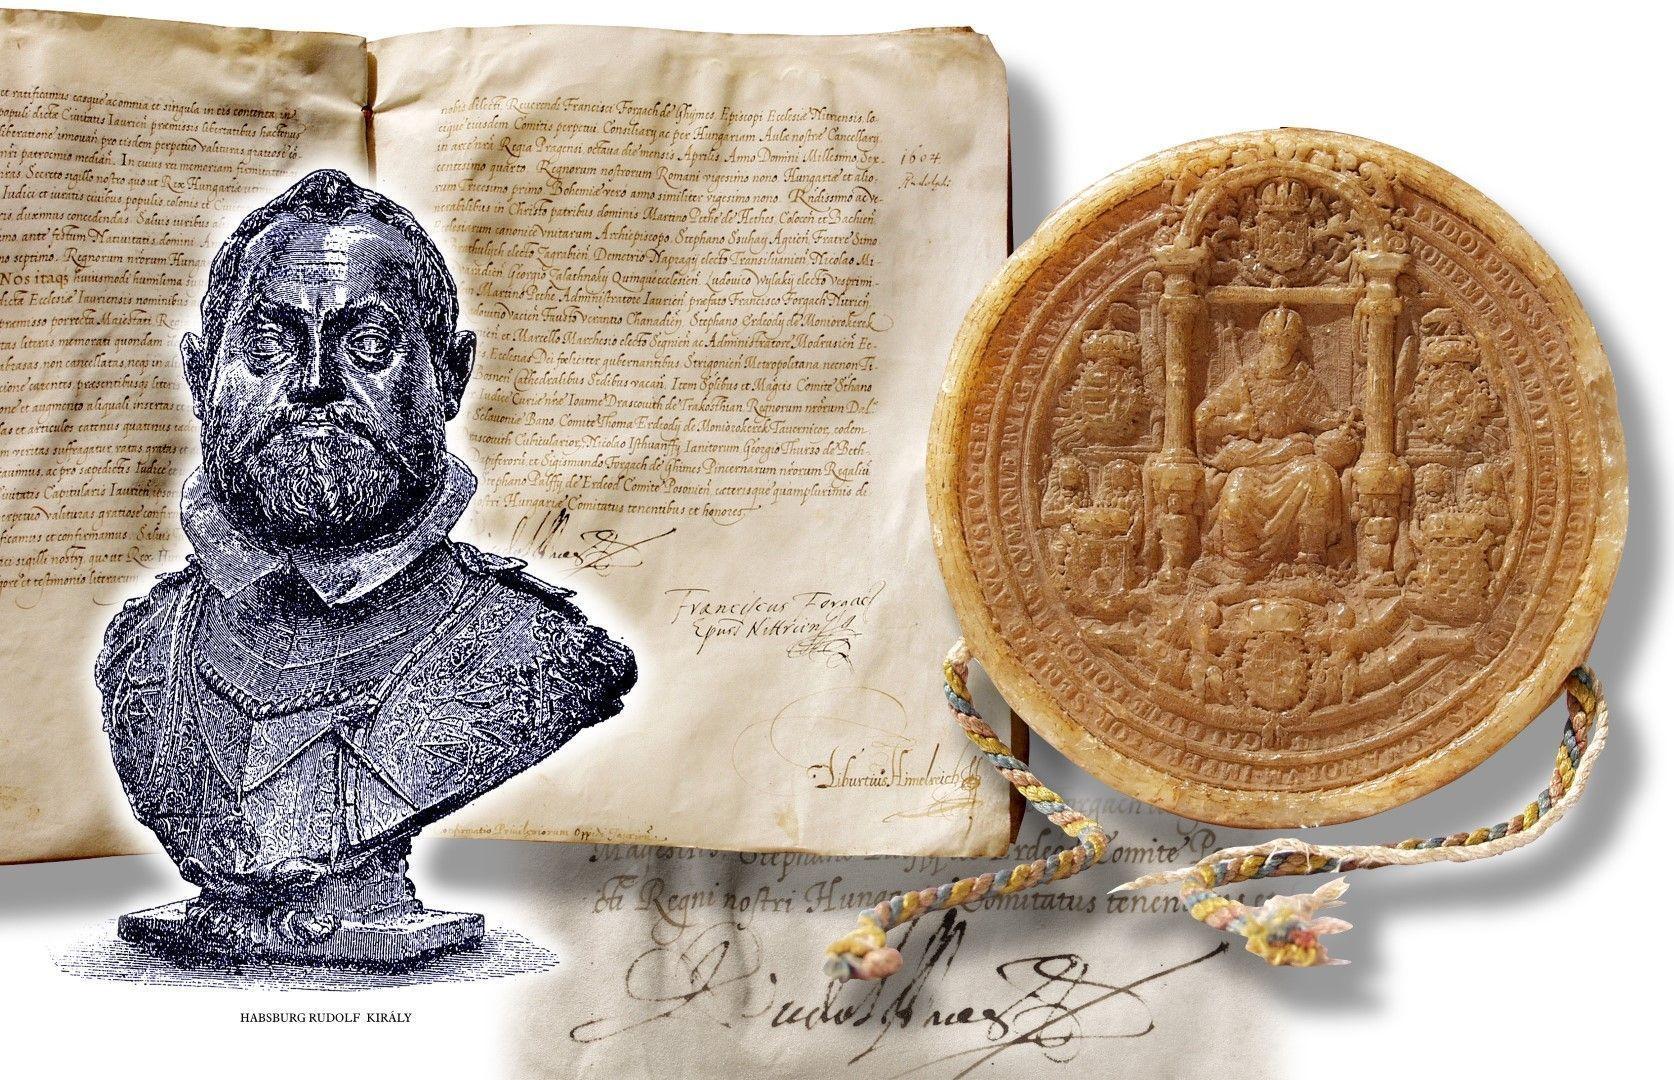 <a href='http://hellogyor.hu/de/legendak/mondscheinexpress-1598/'>Mondscheinexpress, 1598</a>